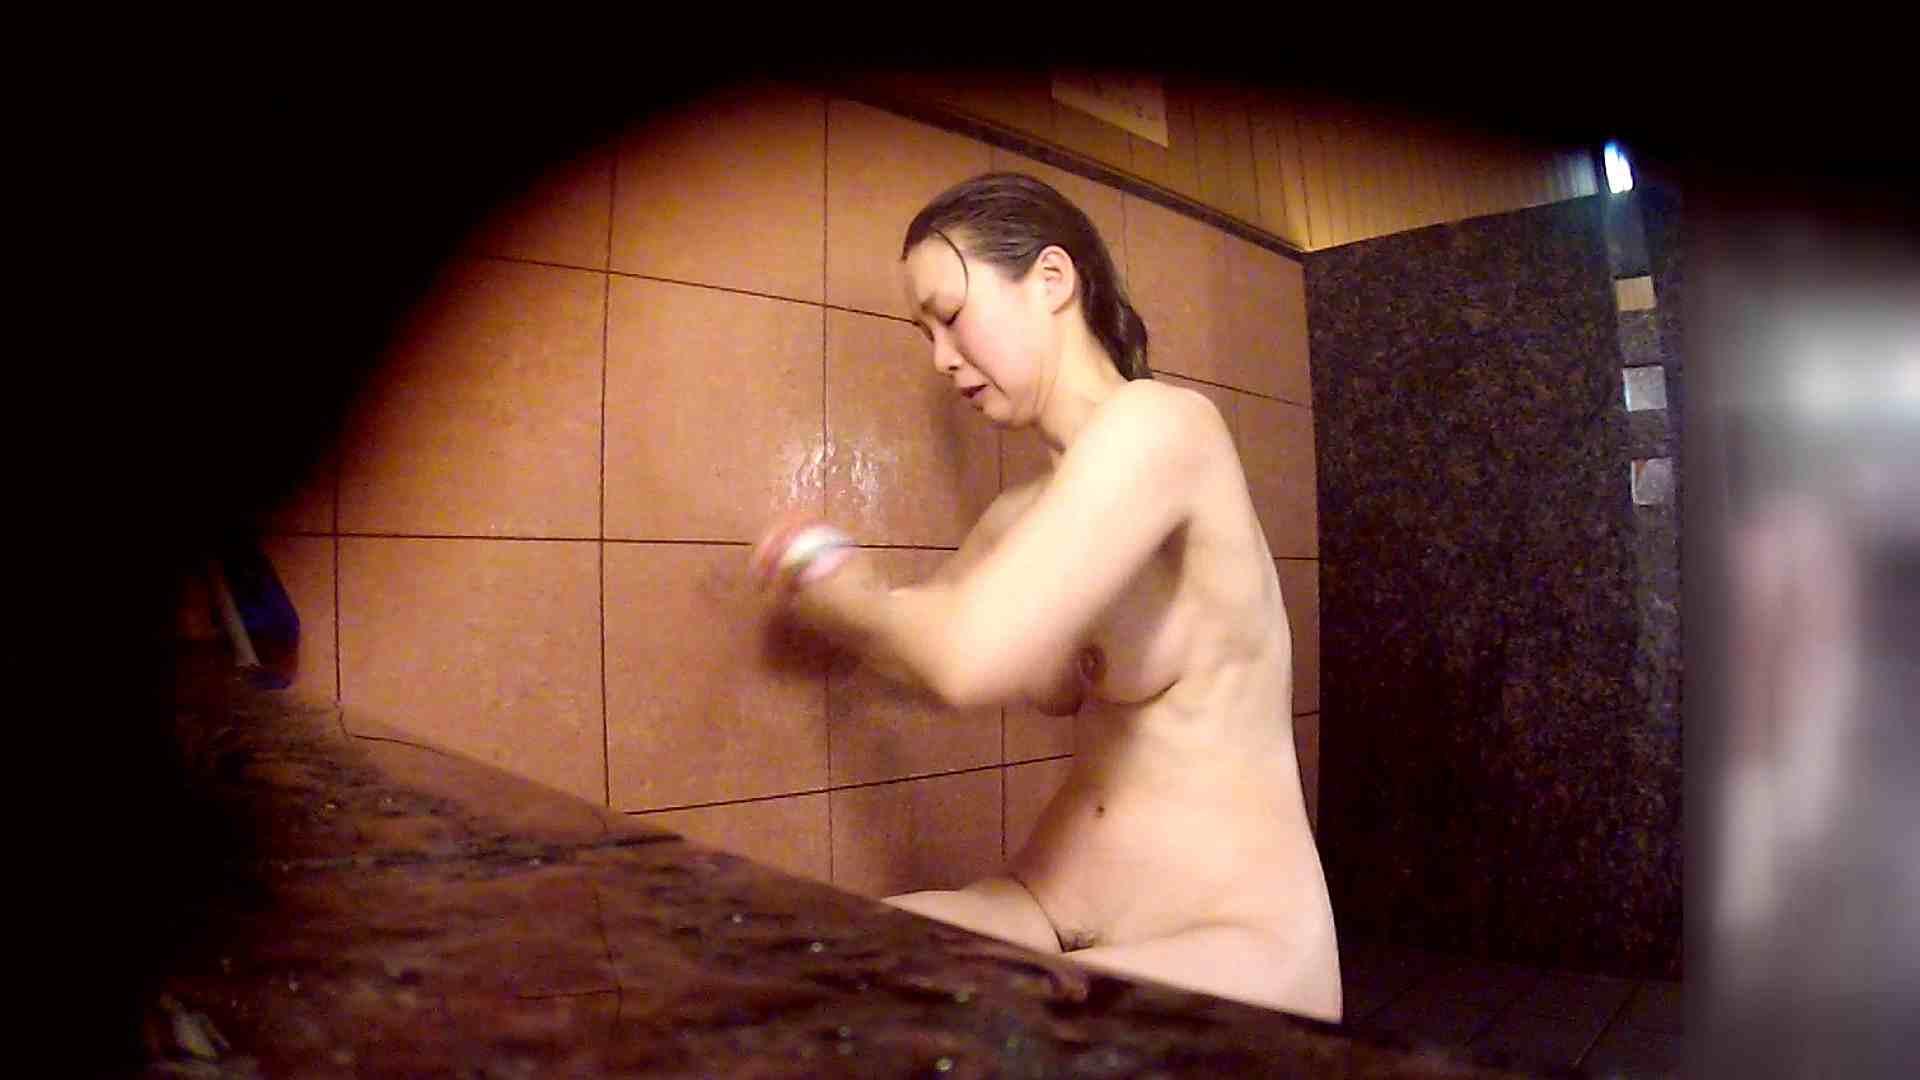 洗い場!マッスルお嬢さん!でもオッパイだけは柔らかそうです。 巨乳 | むっちり  108画像 13